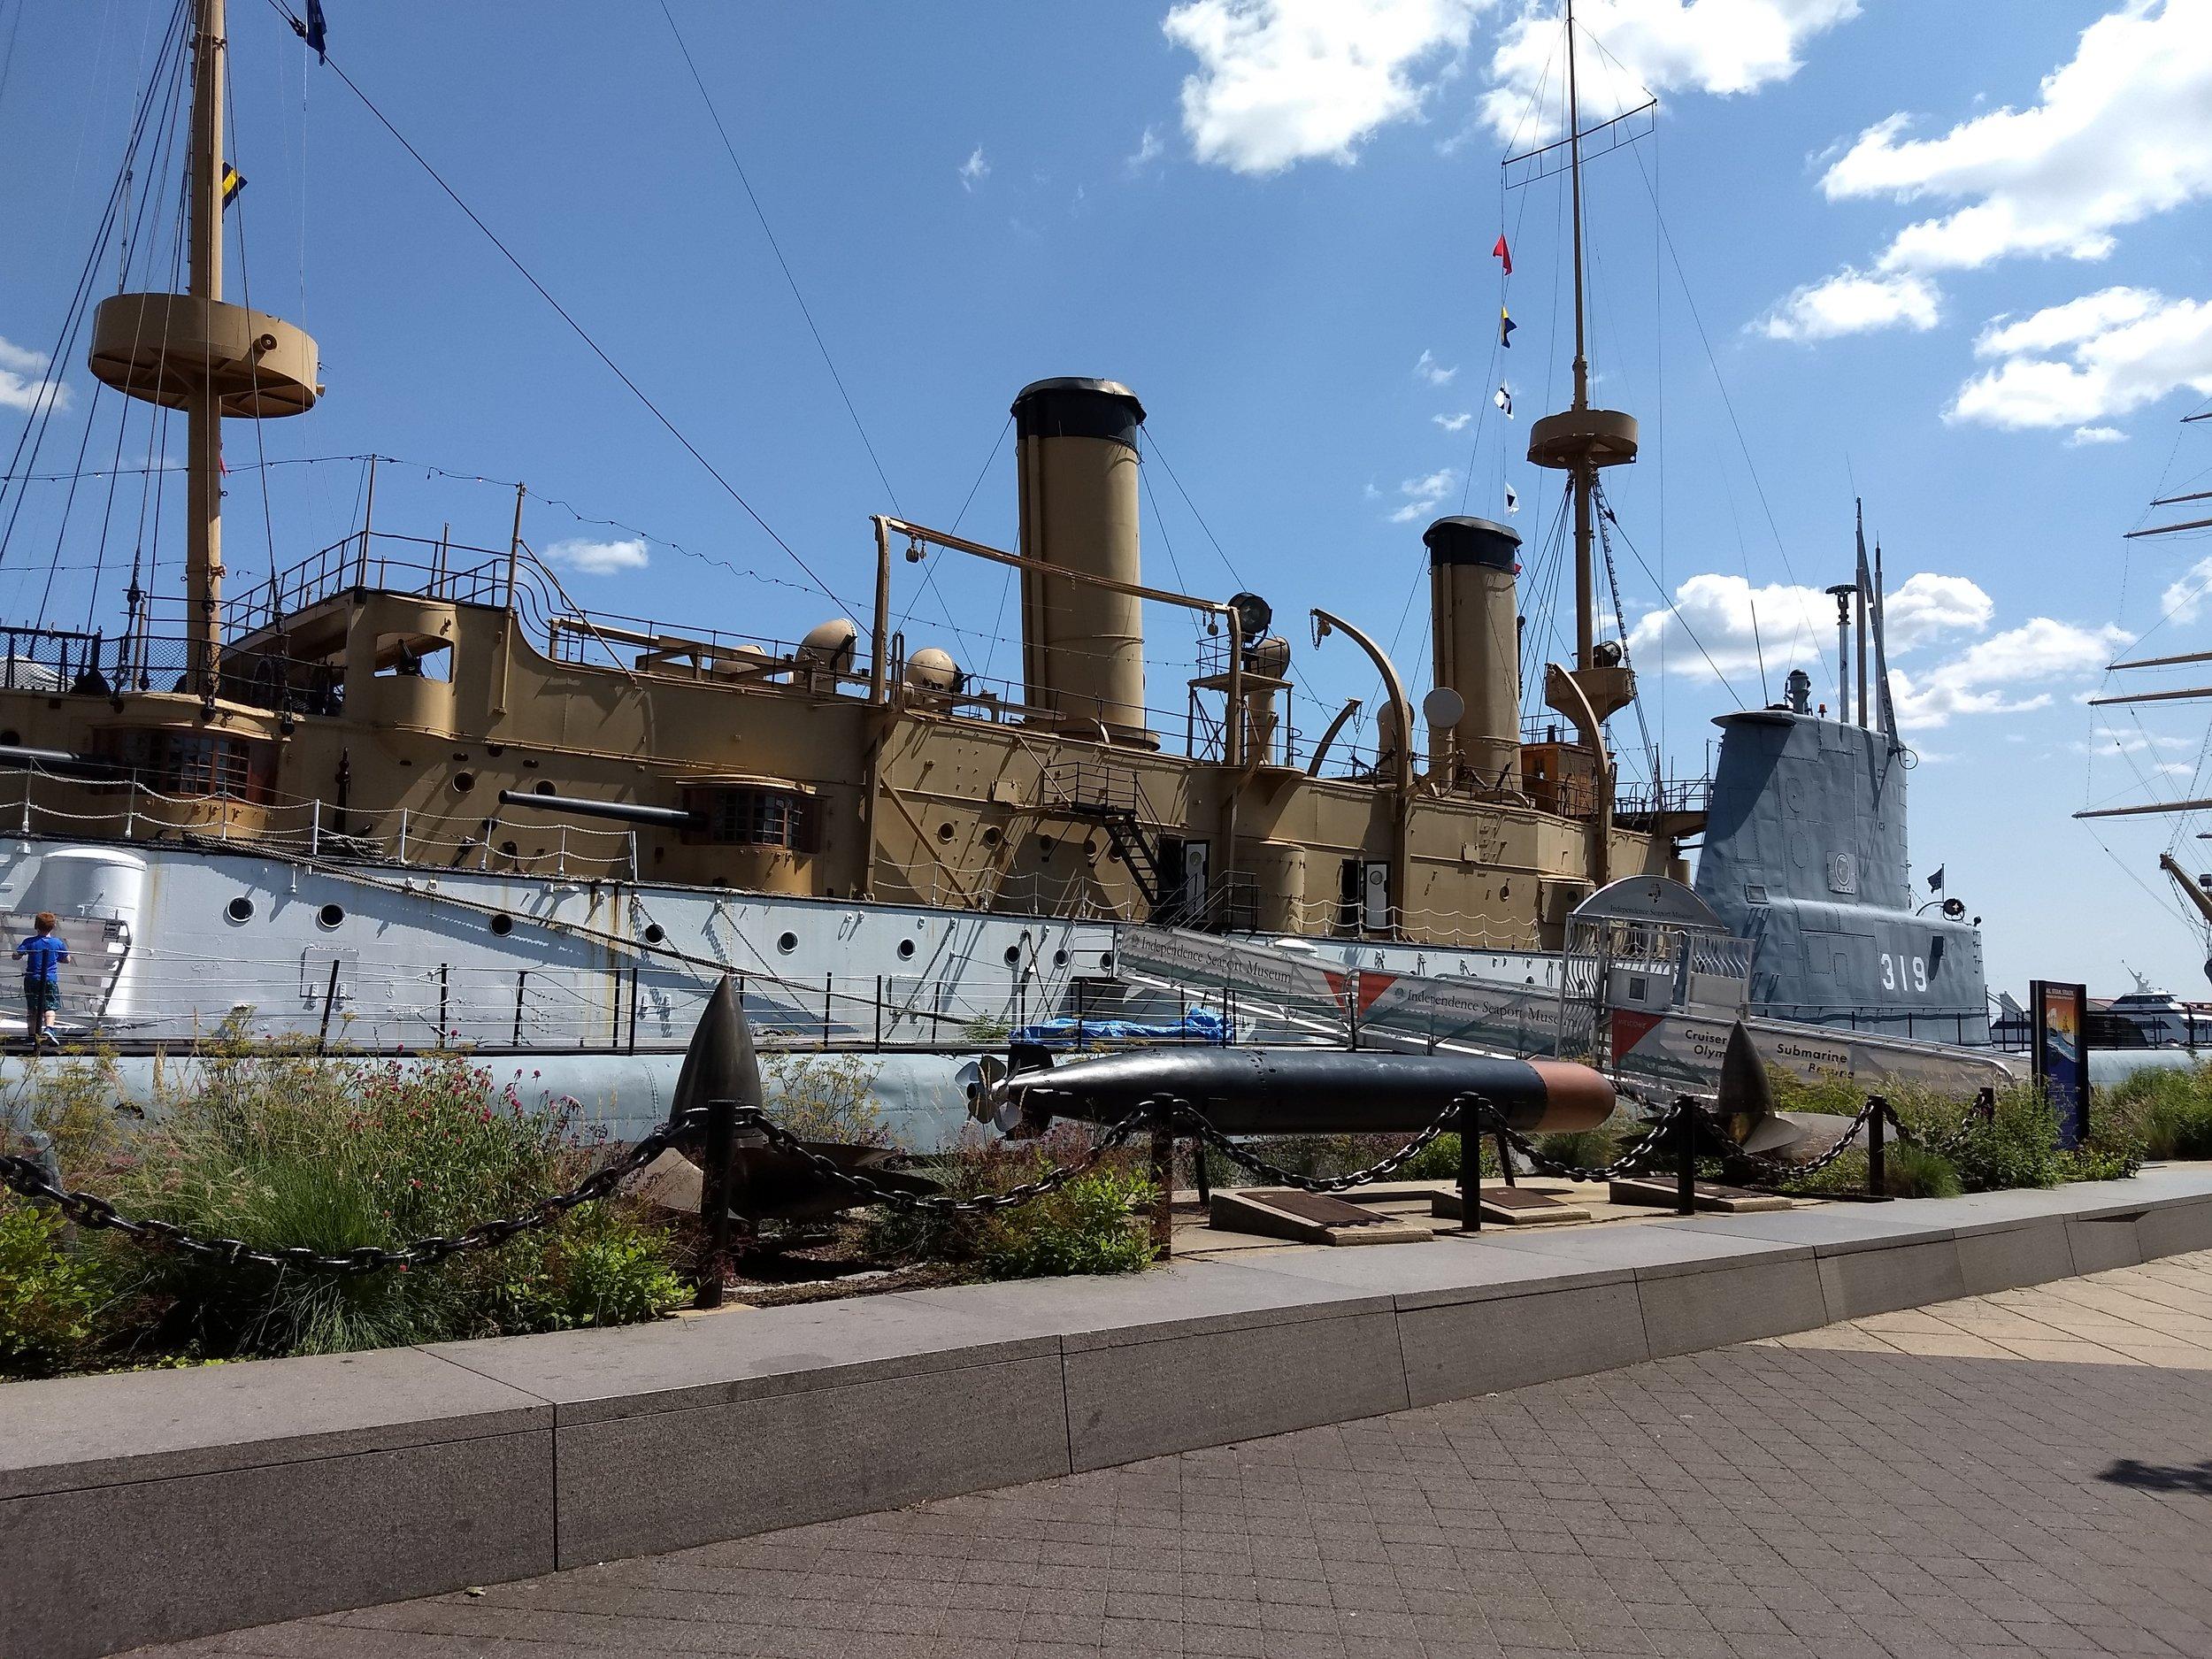 Historic cruiser ship and submarine docked at Penn's Landing, Philadelphia.